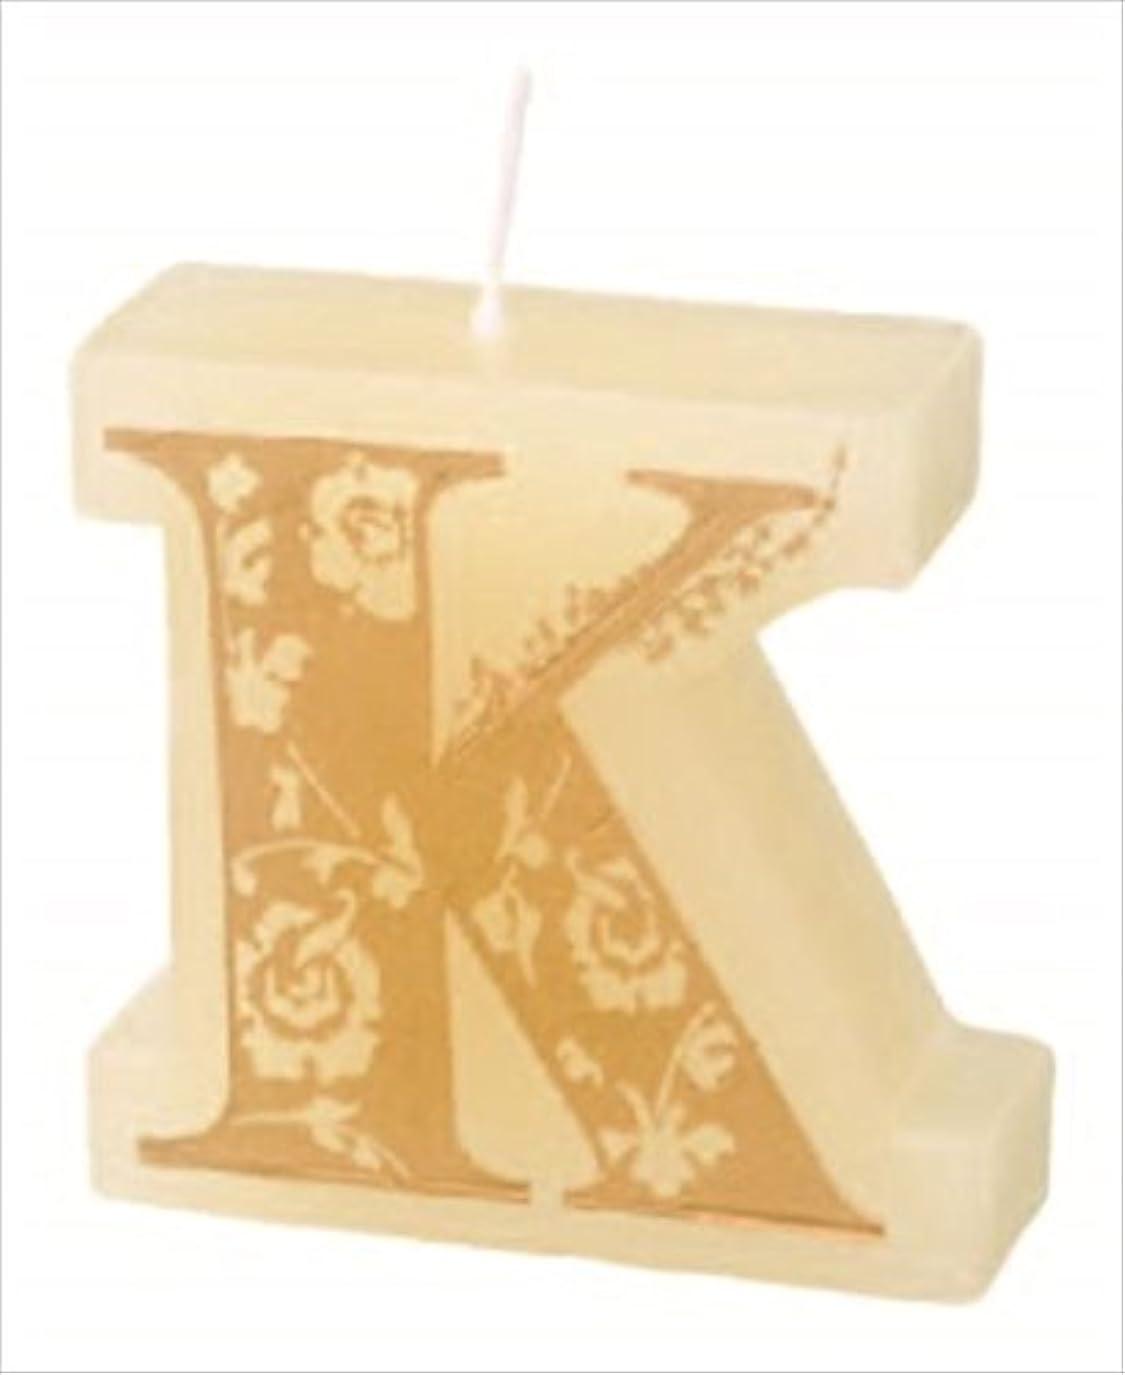 電気的受粉者なくなるカメヤマキャンドル(kameyama candle) イニシャルキャンドルミニ 「 K 」